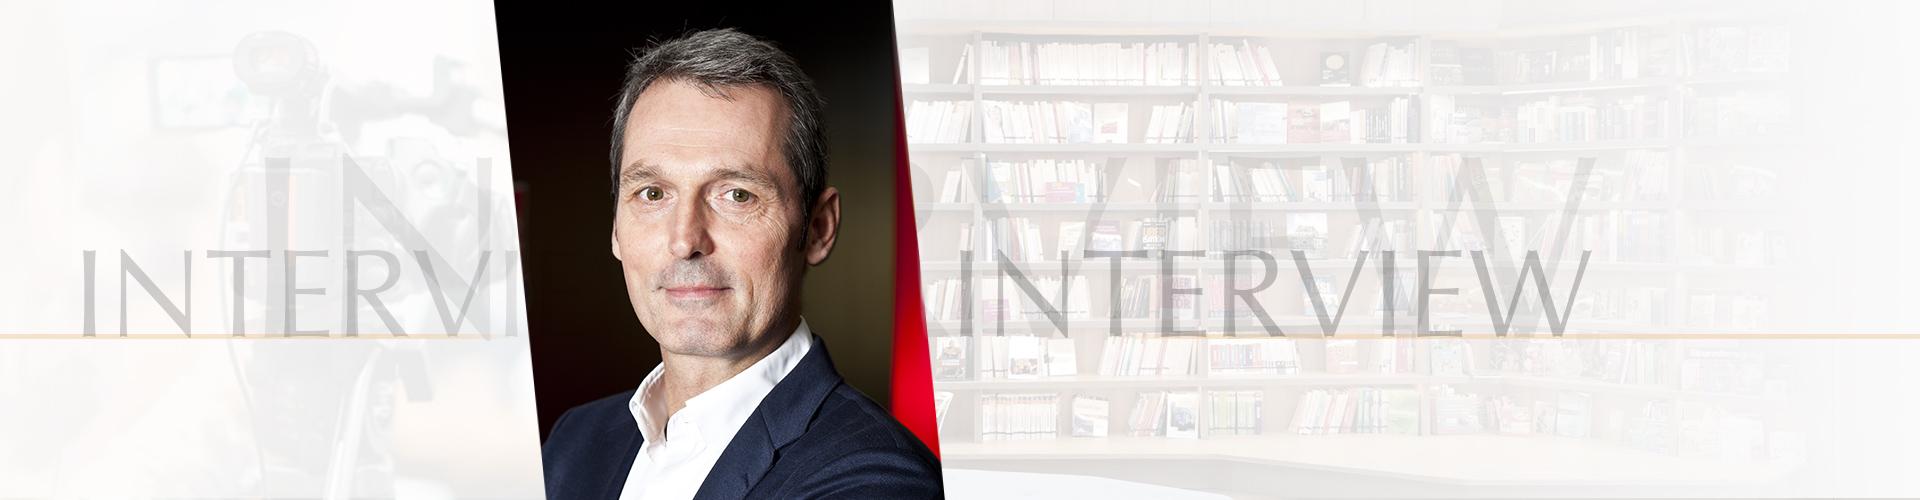 Le marketing client réinventé - interview de Stéphane Truphème